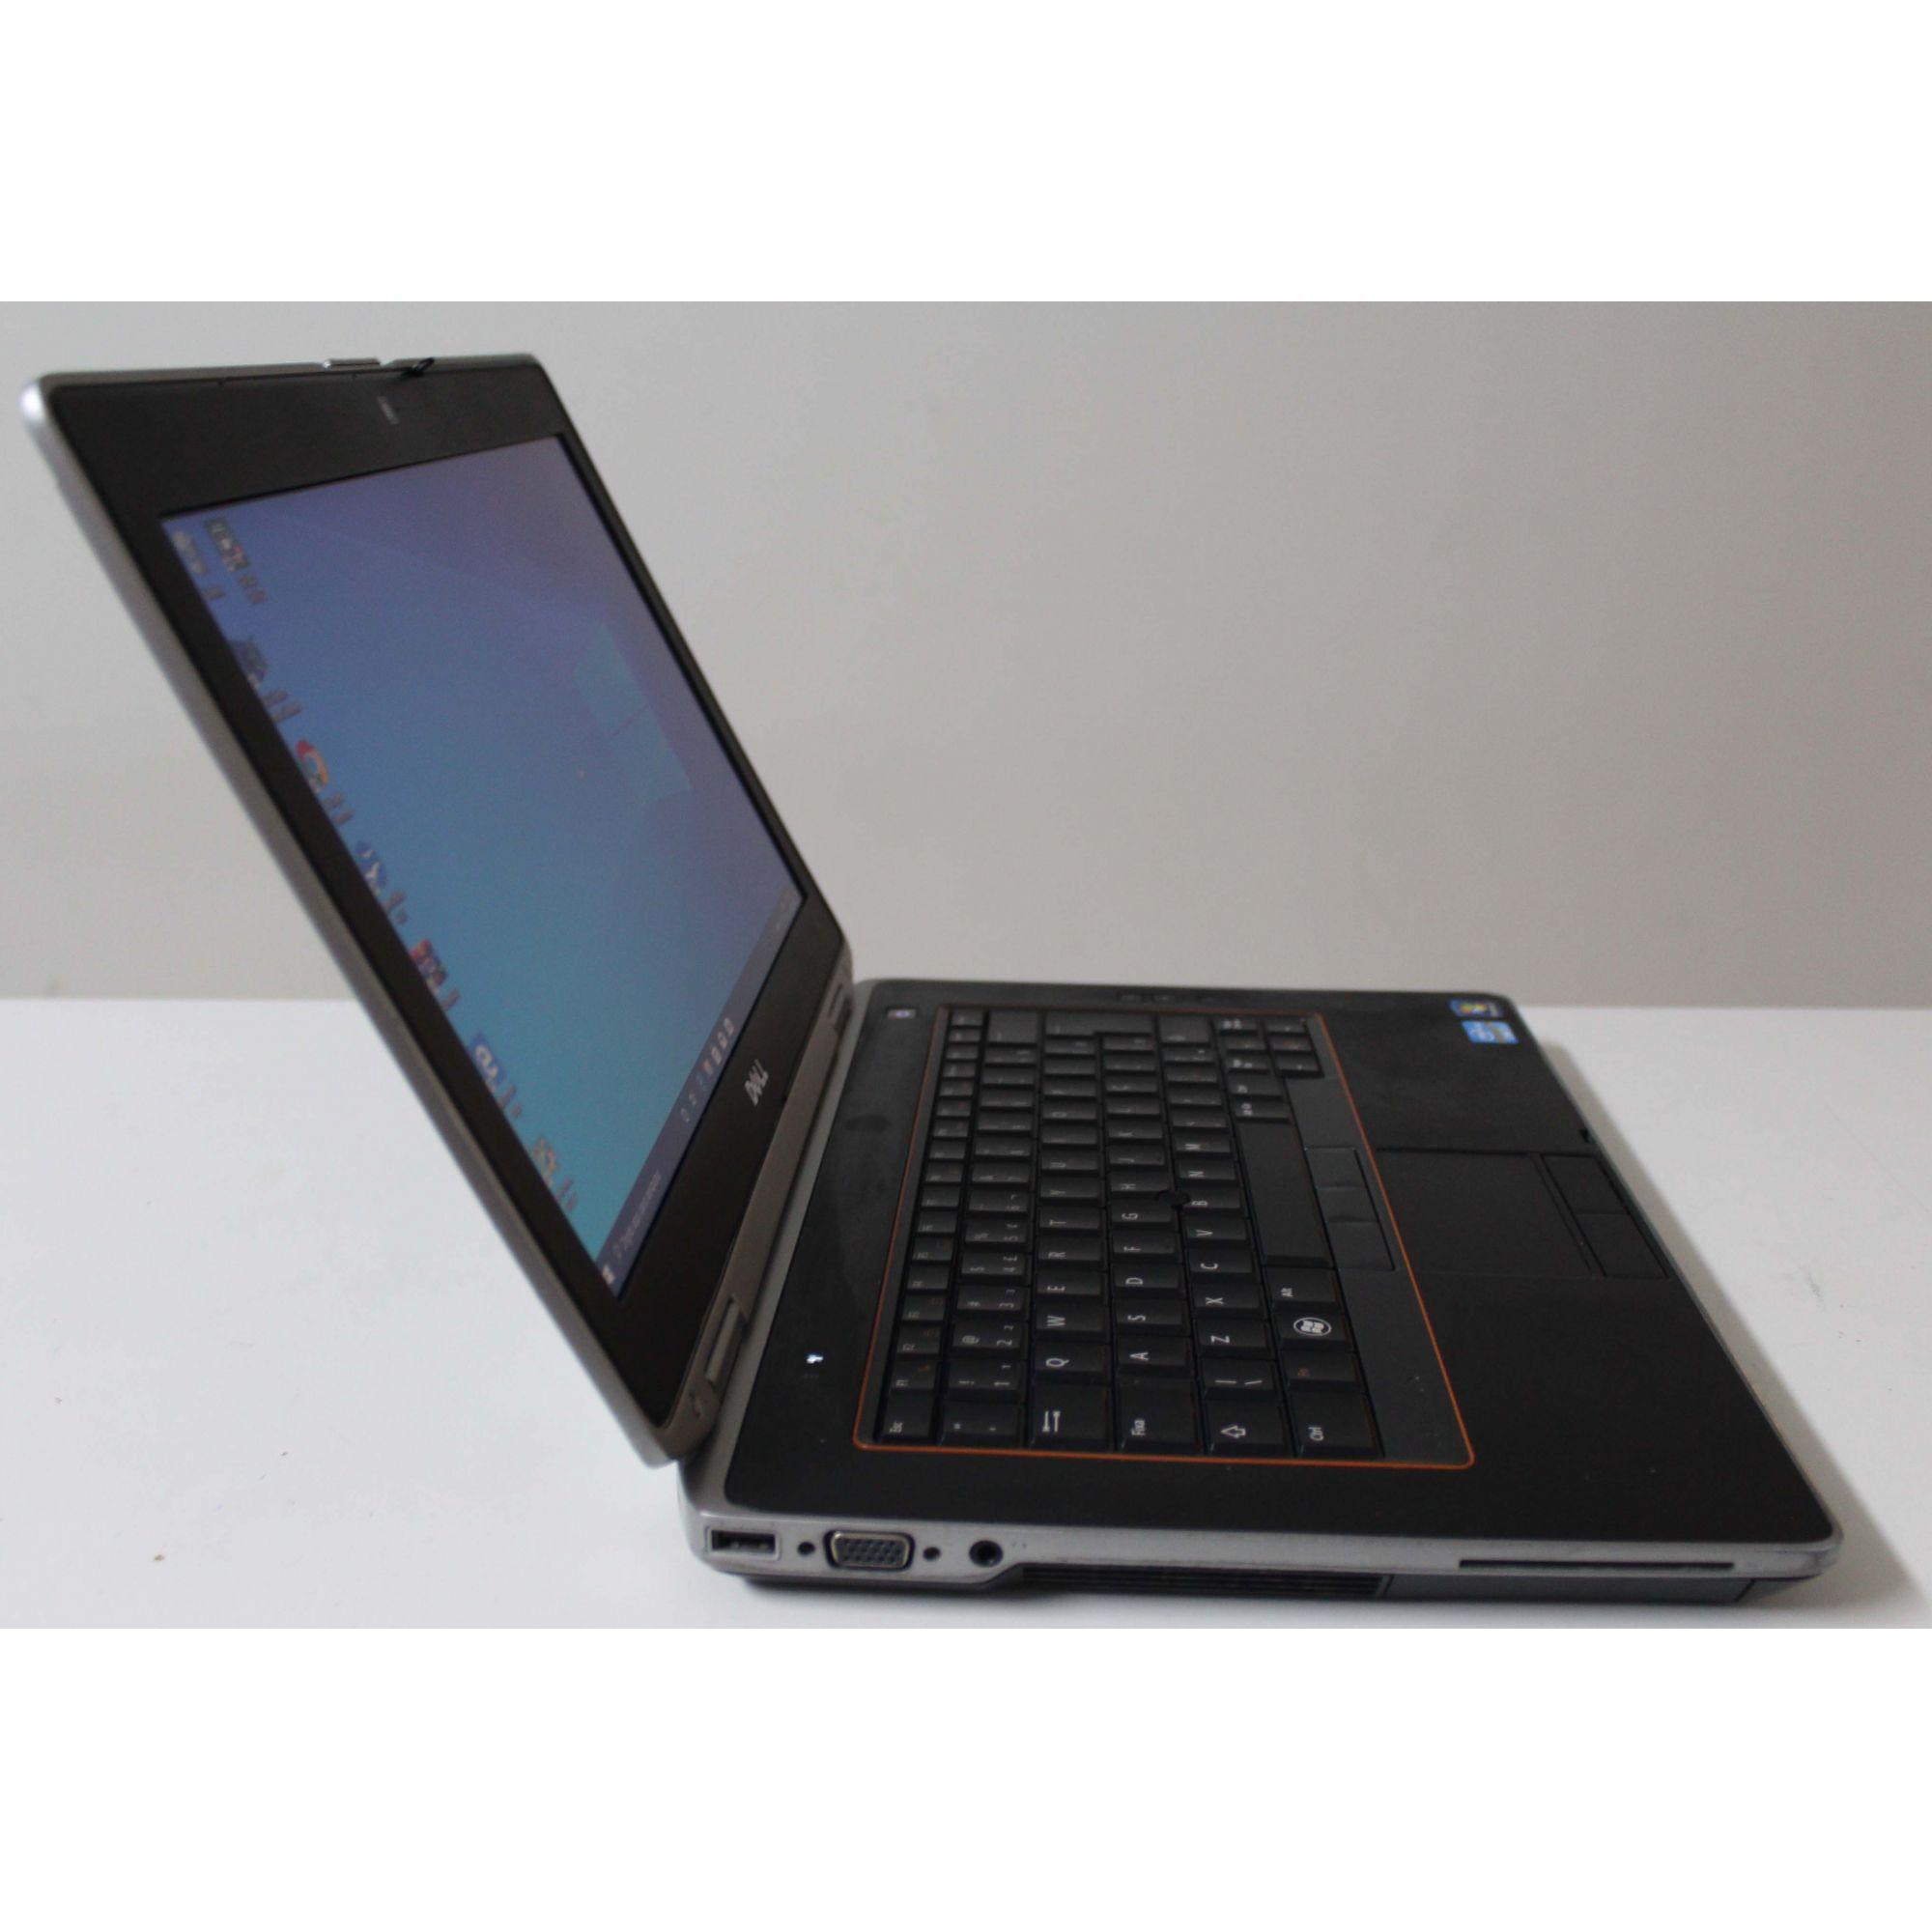 """Notebook Dell Latitude E6420 14"""" intel core i7 2.40GHz 4GB HD-500GB + 512MB Dedicada"""